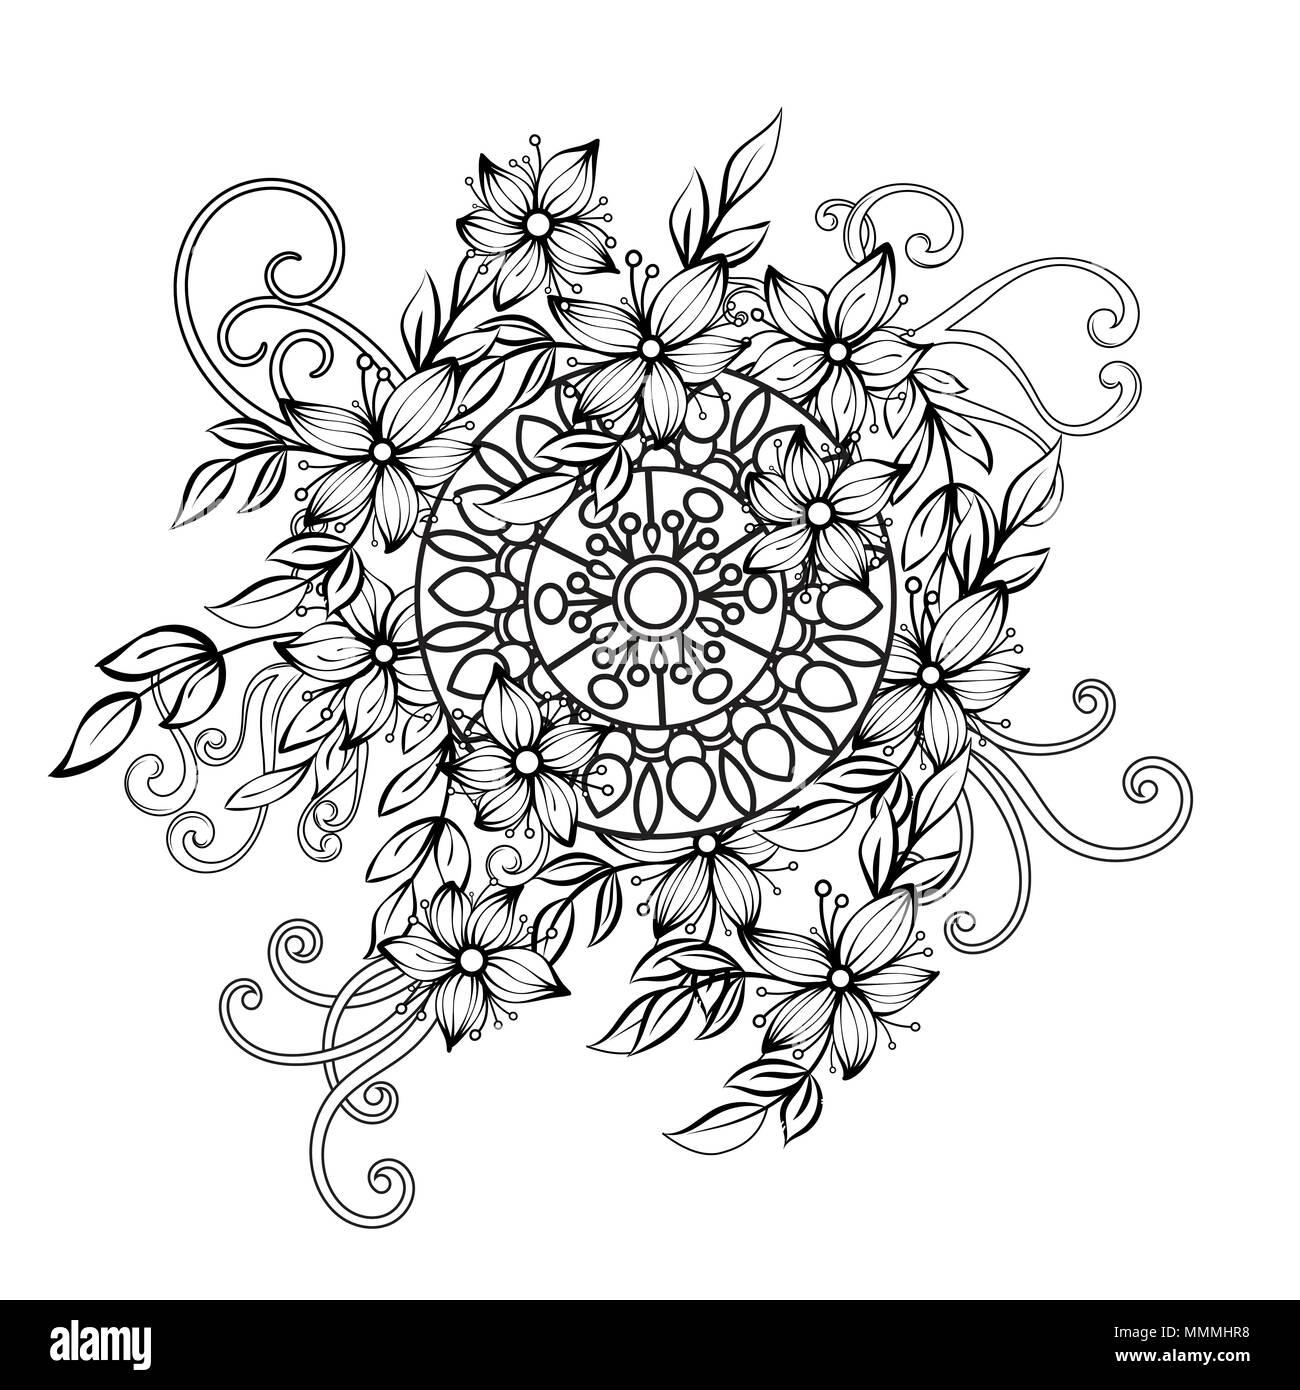 Coloriage Adulte Blanc.Motif Floral En Noir Et Blanc Livre De Coloriage Adultes Page Avec